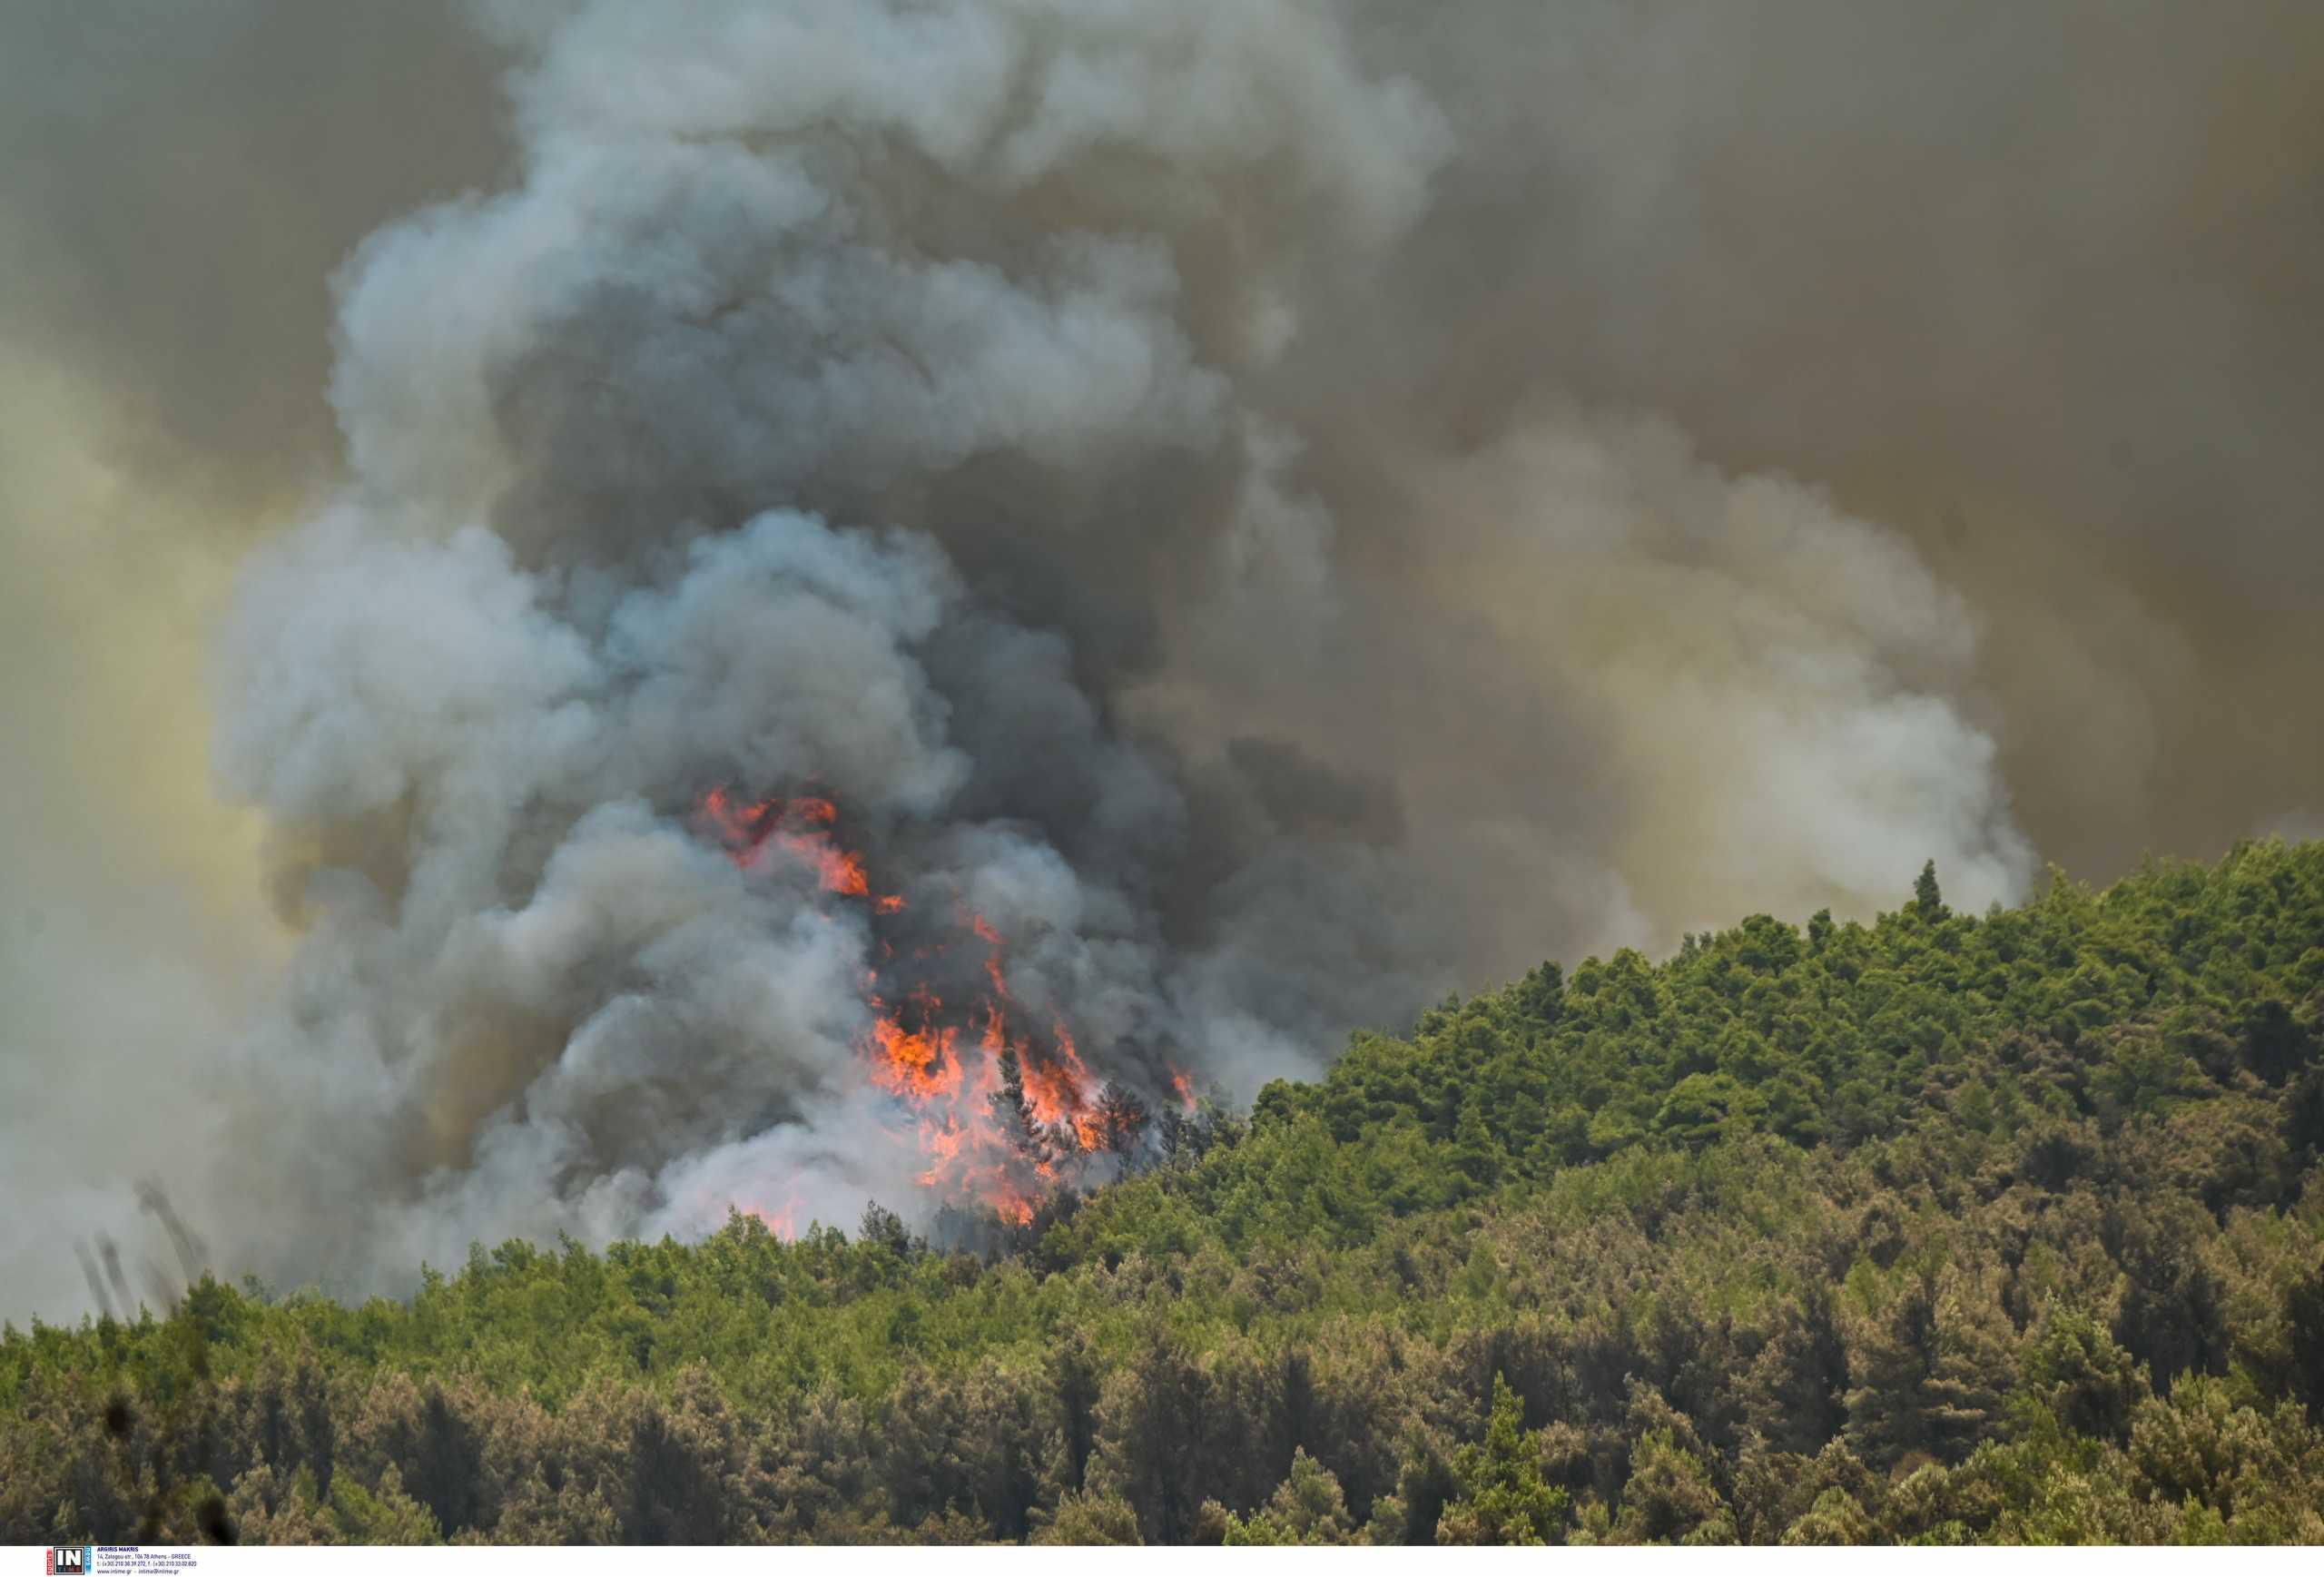 Εκκενώνονται 5 οικισμοί στα Γρεβενά λόγω πυρκαγιάς